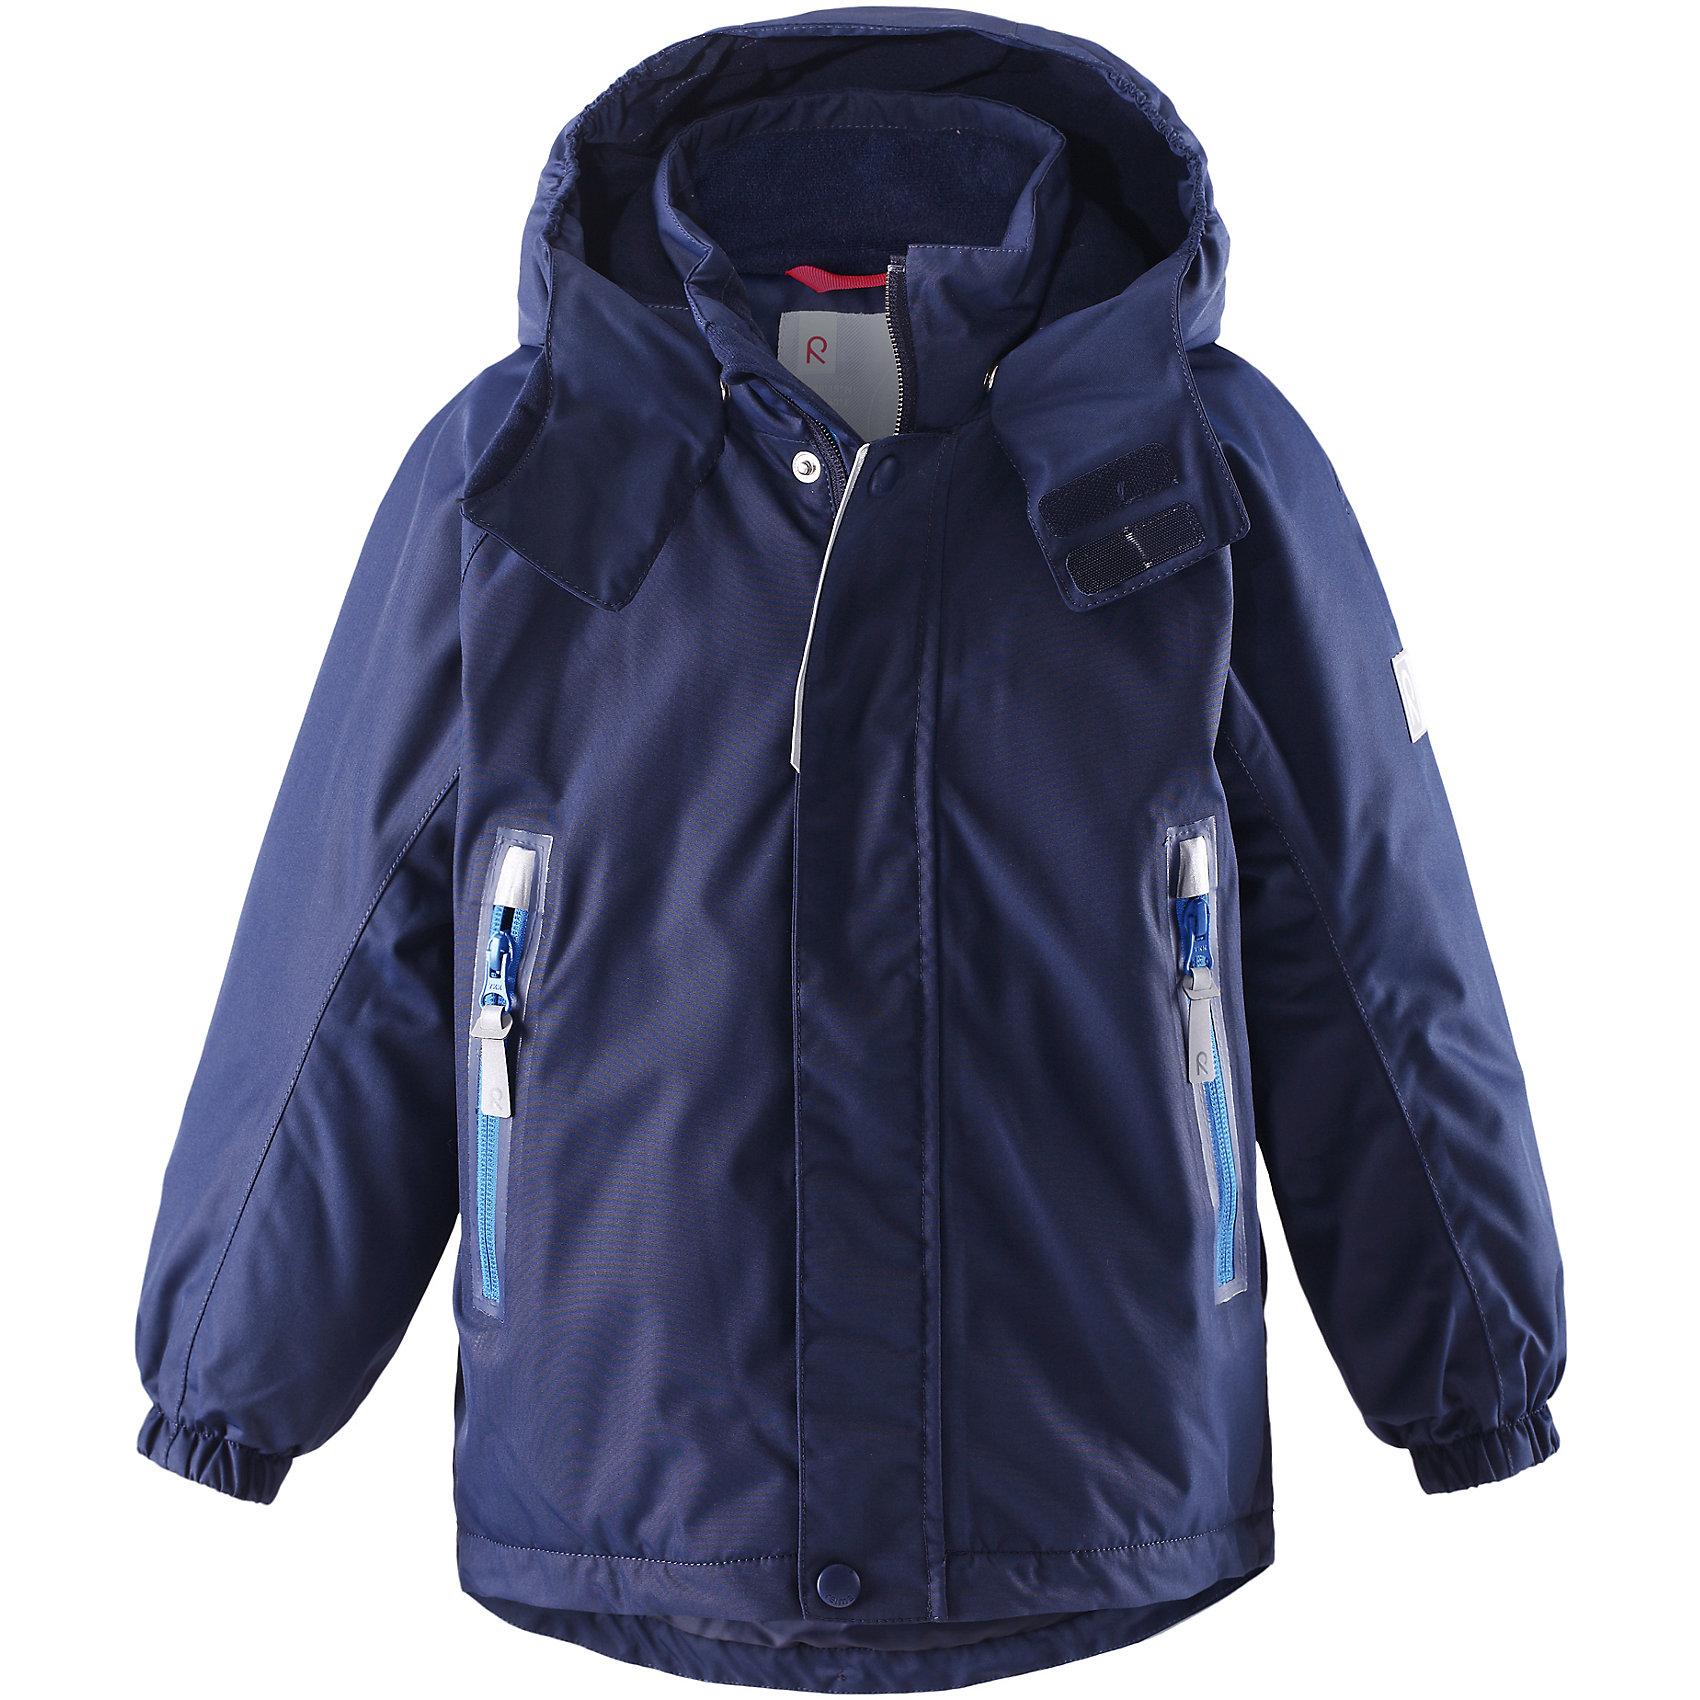 Куртка Chant  Reimatec® ReimaВерхняя одежда<br>Характеристики товара:<br><br>• цвет: синий<br>• состав: 100% полиэстер, полиуретановое покрытие<br>• температурный режим: 0° до -20° градусов<br>• утеплитель: 160 г<br>• водонепроницаемая мембрана: от 15000 мм<br>• основные швы проклеены<br>• съёмный капюшон<br>• молния<br>• светоотражающие детали<br>• «дышащий» материал<br>• ветро- водо- и грязеотталкивающий материал<br>• кнопки Reima® Play Layers <br>• карманы<br>• комфортная посадка<br>• страна производства: Китай<br>• страна бренда: Финляндия<br><br>Верхняя одежда для детей может быть модной и комфортной одновременно! Эти зимняя куртка поможет обеспечить ребенку комфорт и тепло. Она отлично смотрится с различной одеждой и обувью. Изделие удобно сидит и модно выглядит. Стильный дизайн разрабатывался специально для детей. Отличный вариант для активного отдыха зимой!<br><br>Одежда и обувь от финского бренда Reima пользуется популярностью во многих странах. Эти изделия стильные, качественные и удобные. Для производства продукции используются только безопасные, проверенные материалы и фурнитура. Порадуйте ребенка модными и красивыми вещами от Reima! <br><br>Куртку Chant от финского бренда Reimatec® Reima (Рейма) можно купить в нашем интернет-магазине.<br><br>Ширина мм: 356<br>Глубина мм: 10<br>Высота мм: 245<br>Вес г: 519<br>Цвет: синий<br>Возраст от месяцев: 18<br>Возраст до месяцев: 24<br>Пол: Унисекс<br>Возраст: Детский<br>Размер: 92,98<br>SKU: 5415500